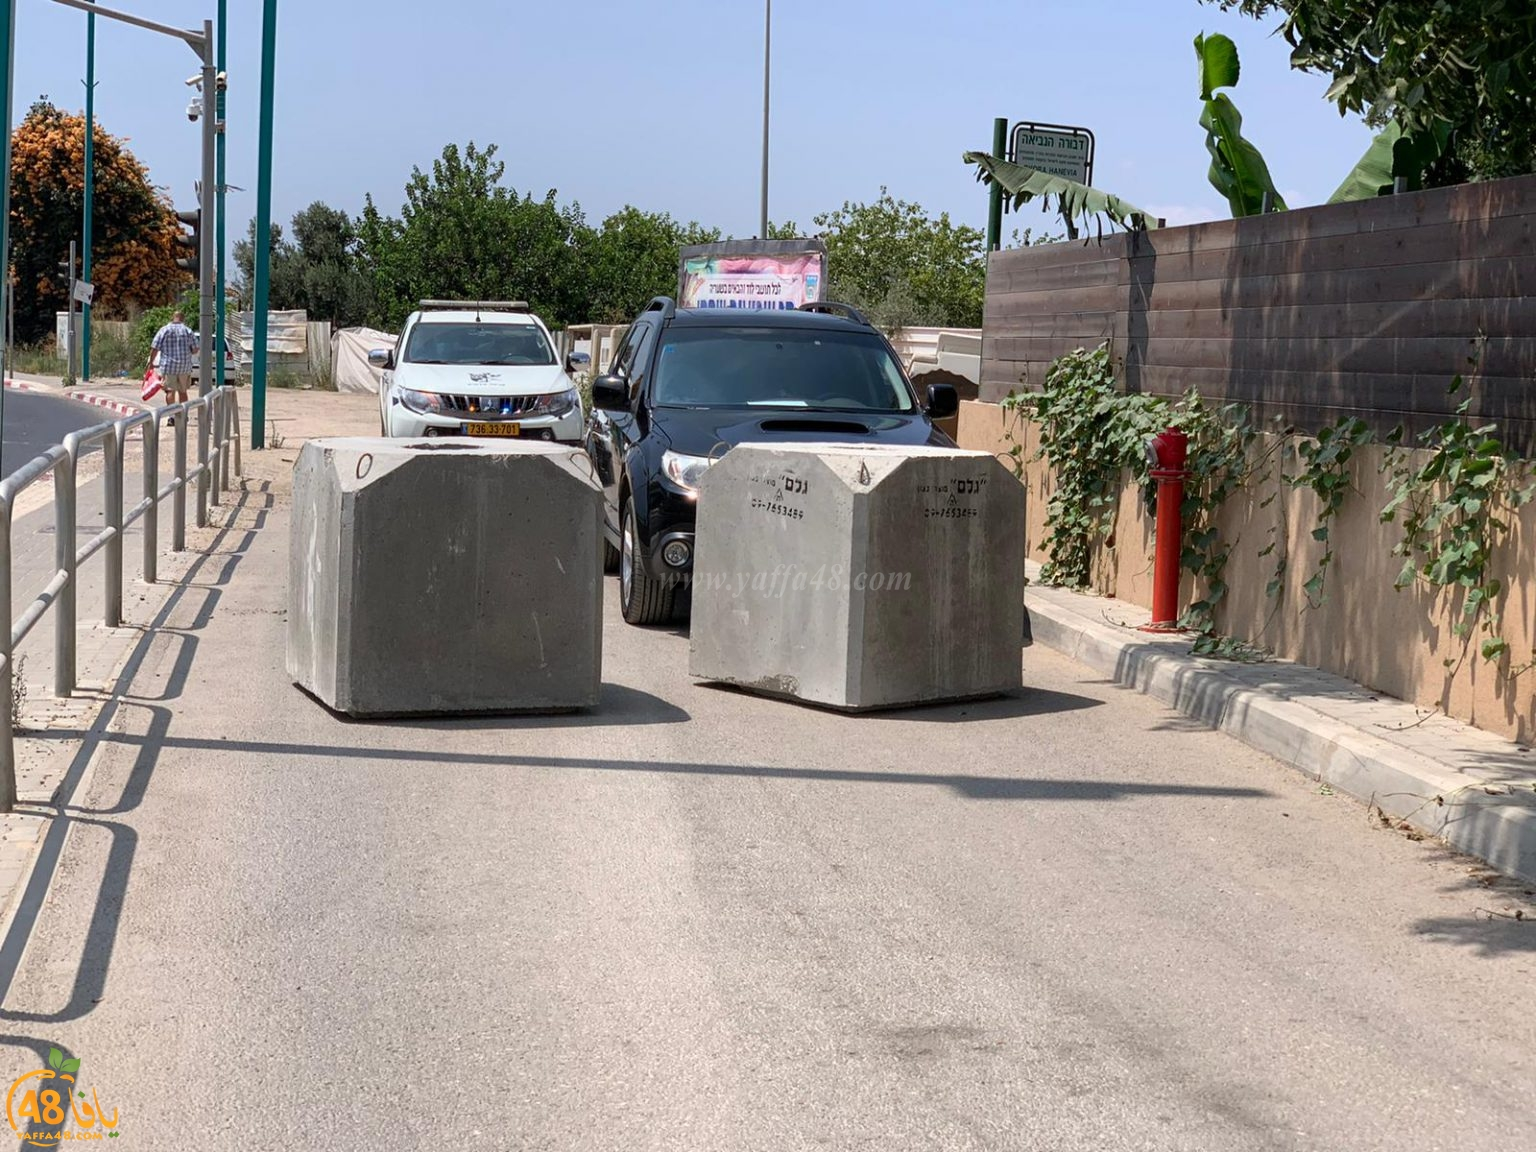 اللد : اغلاق مداخل حي س ح بالكتل الأسمنتية اثر تفشي الكورونا